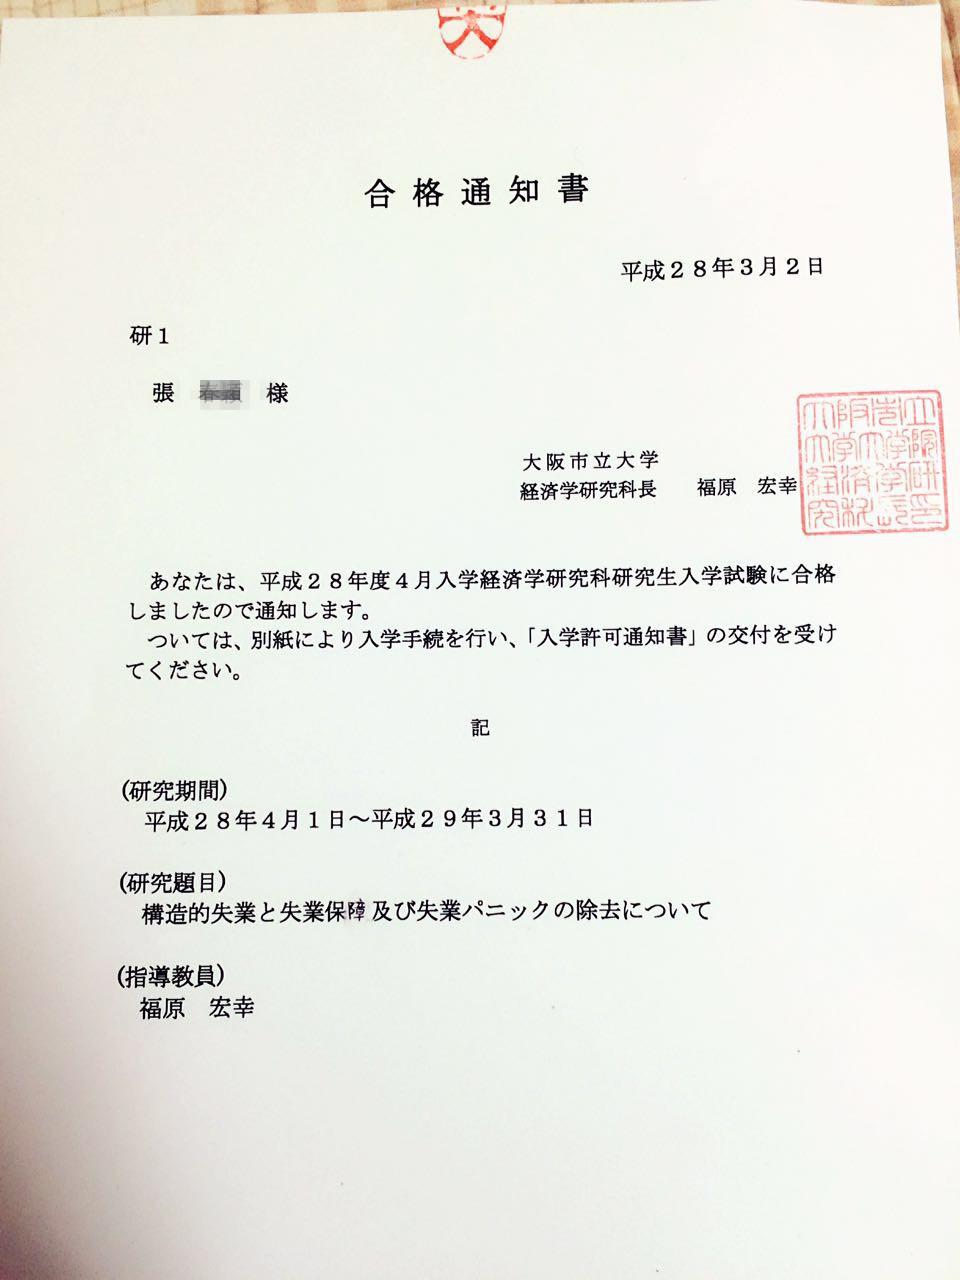 【商科】大阪大学经济学专业研究生申请成功